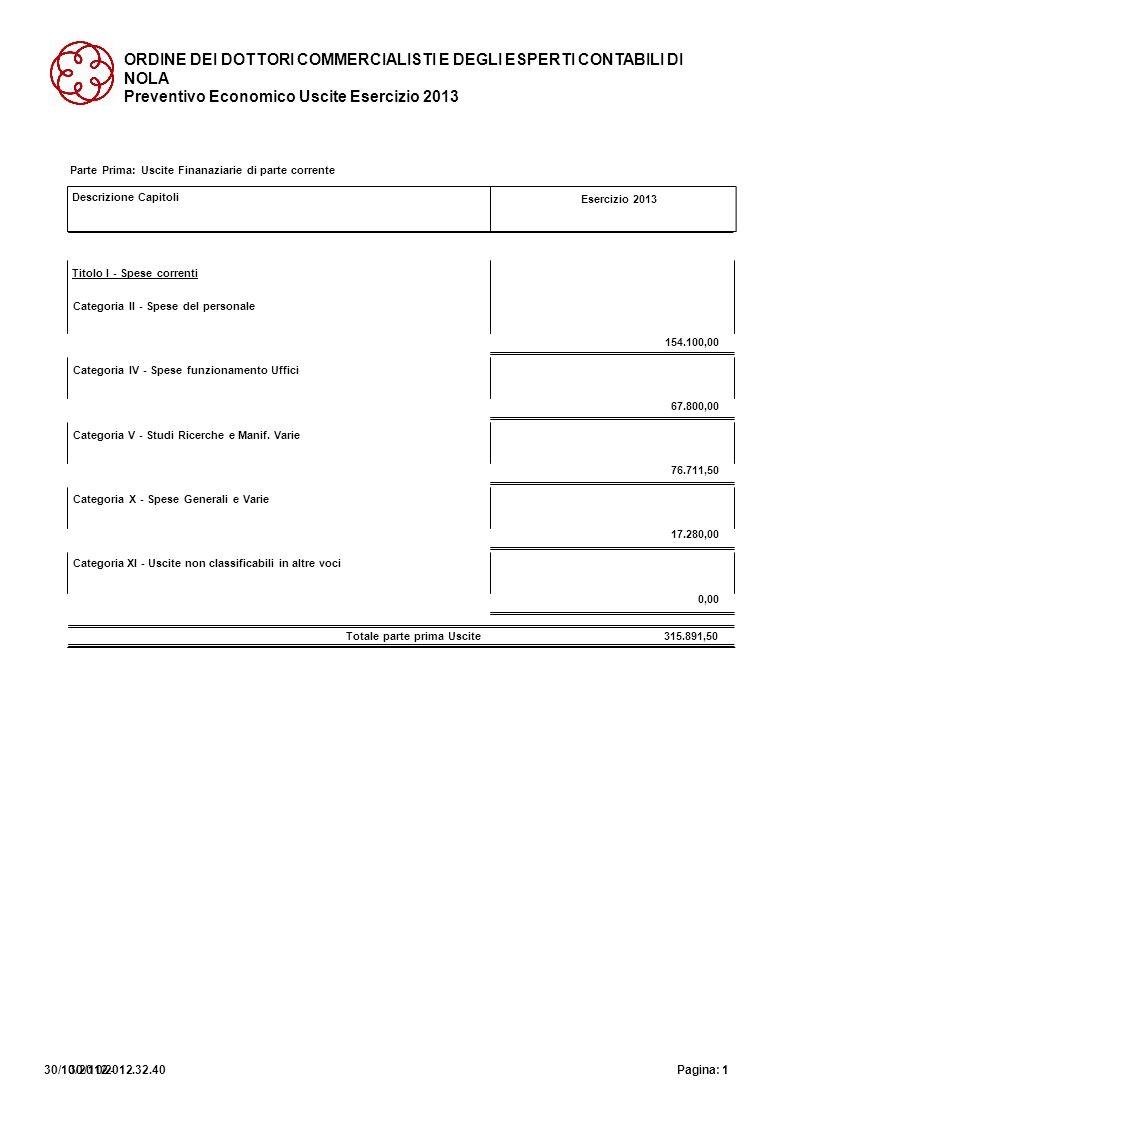 ORDINE DEI DOTTORI COMMERCIALISTI E DEGLI ESPERTI CONTABILI DI NOLA Preventivo Economico Uscite Esercizio 2013 Descrizione Capitoli Esercizio 2013 Par